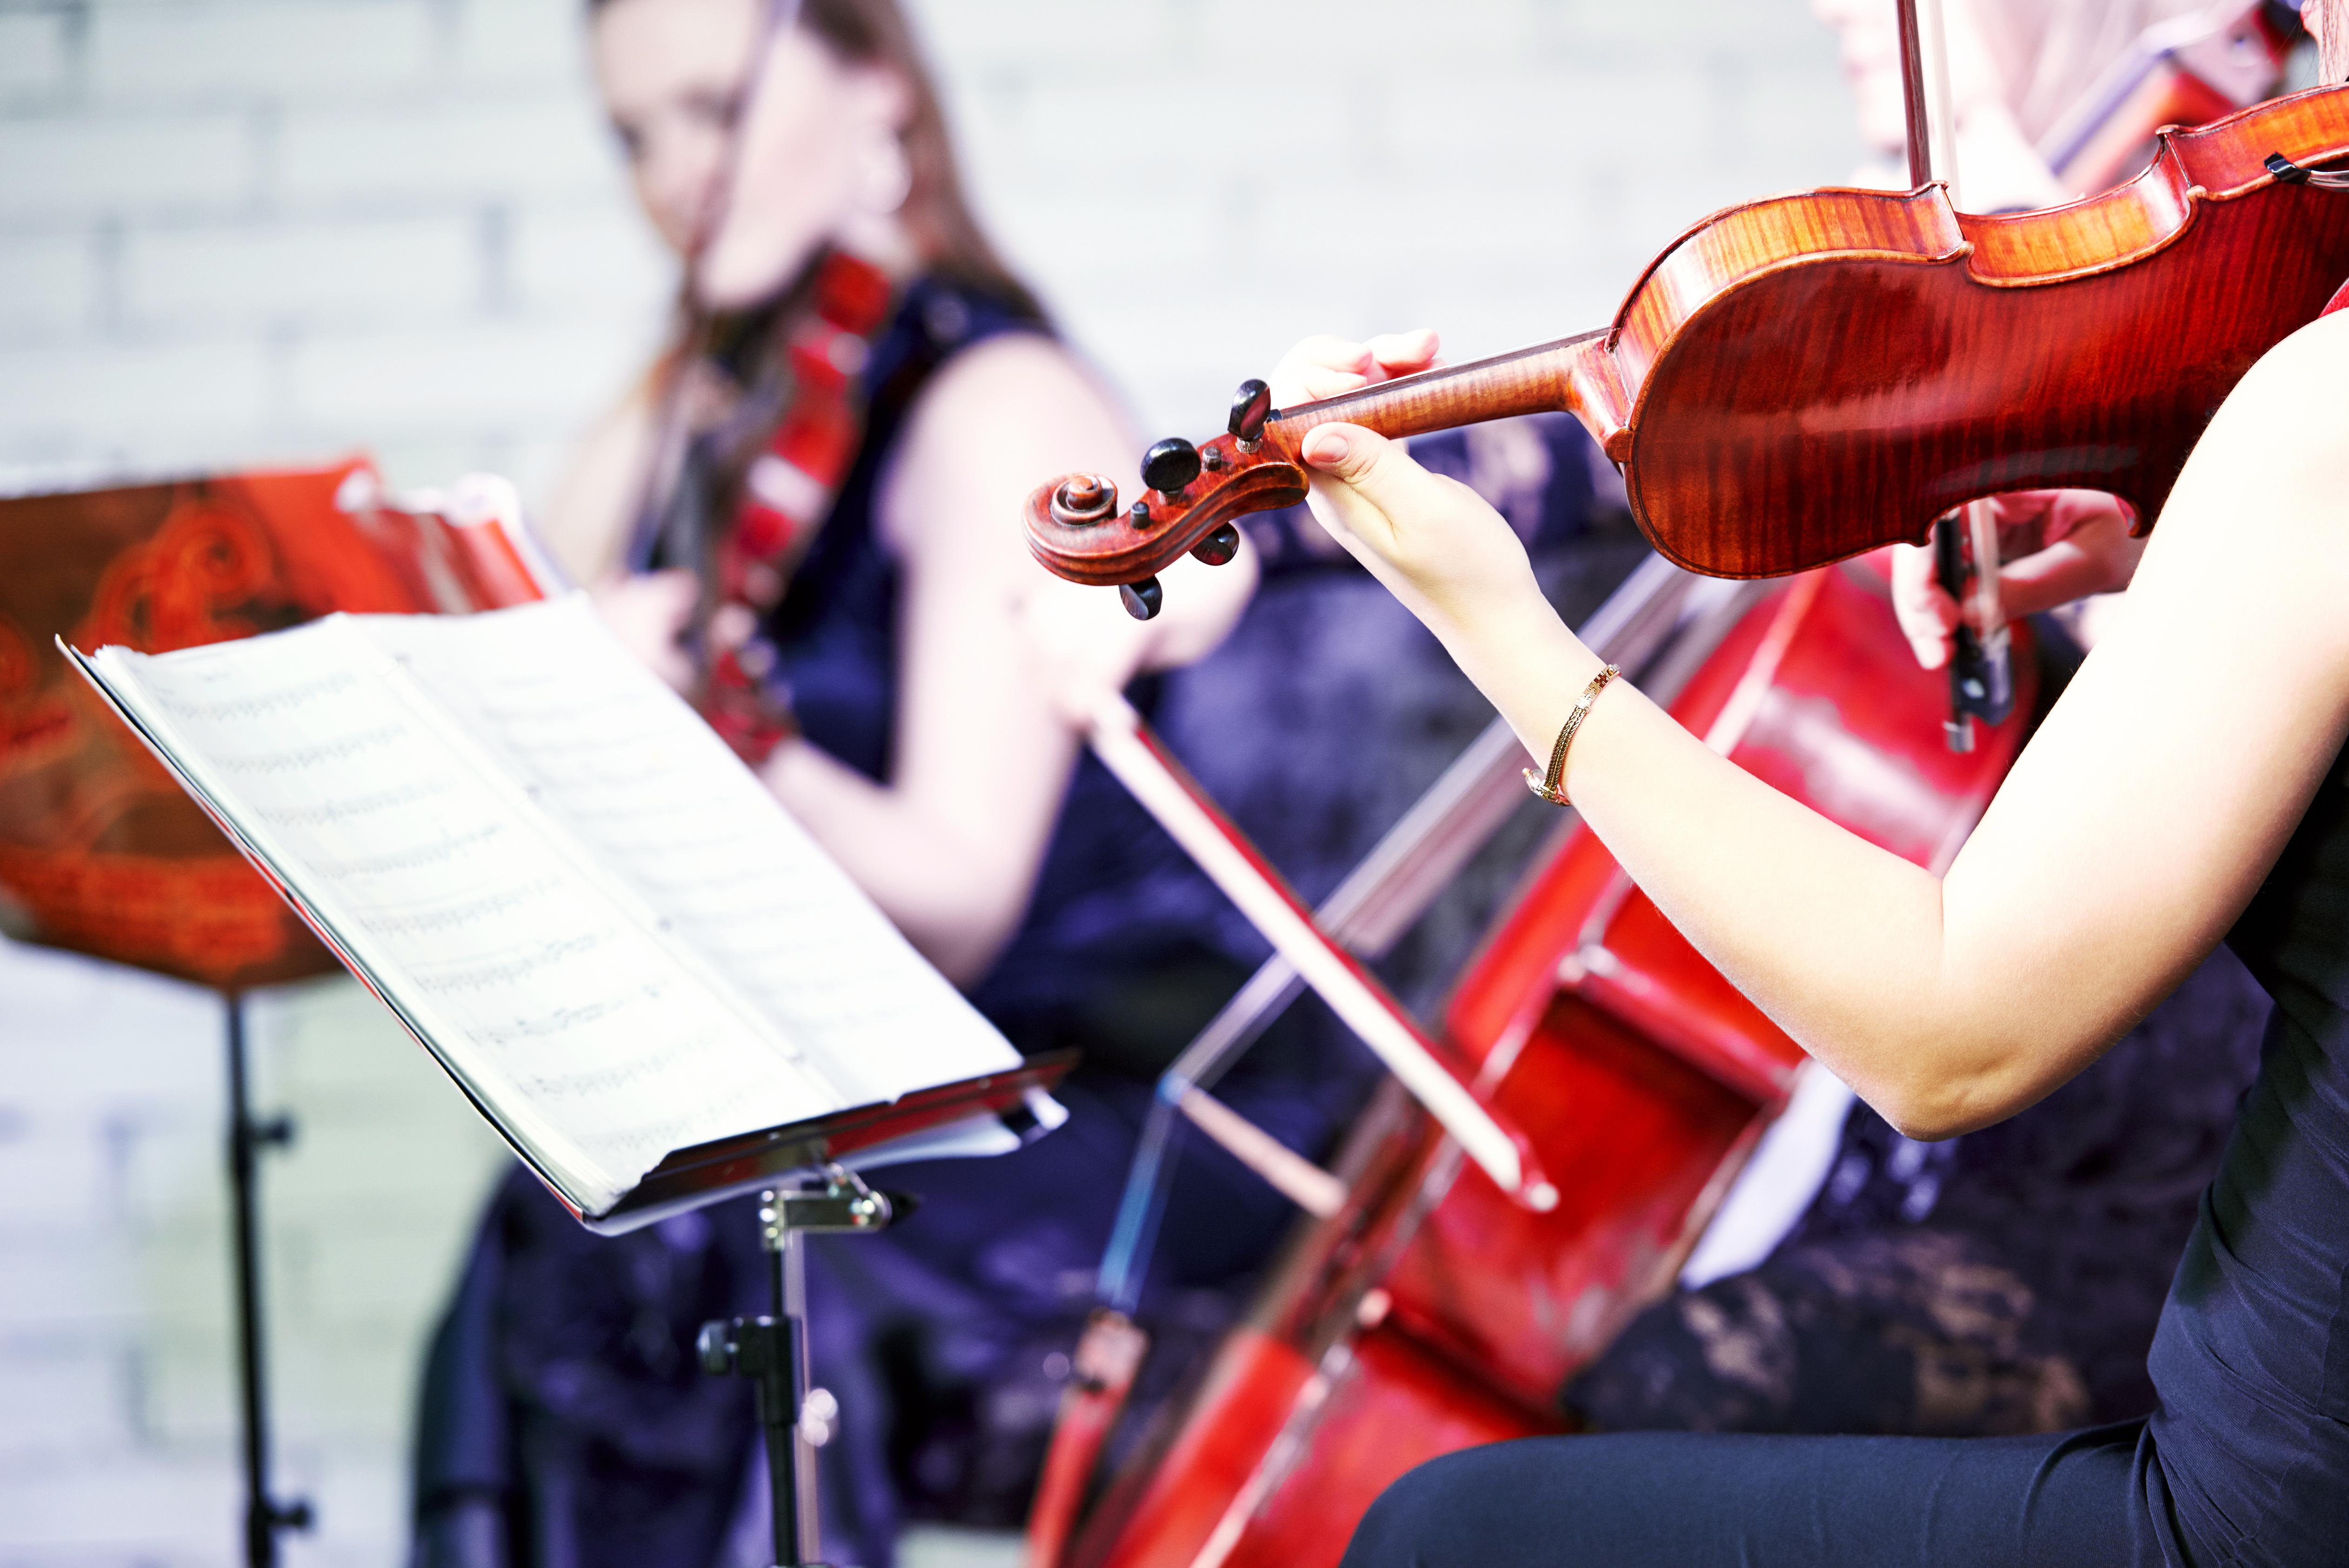 Il ciclo di concerti dedicati a Beethoven e non solo - dal 18 ottobre al 4 novembre 2018